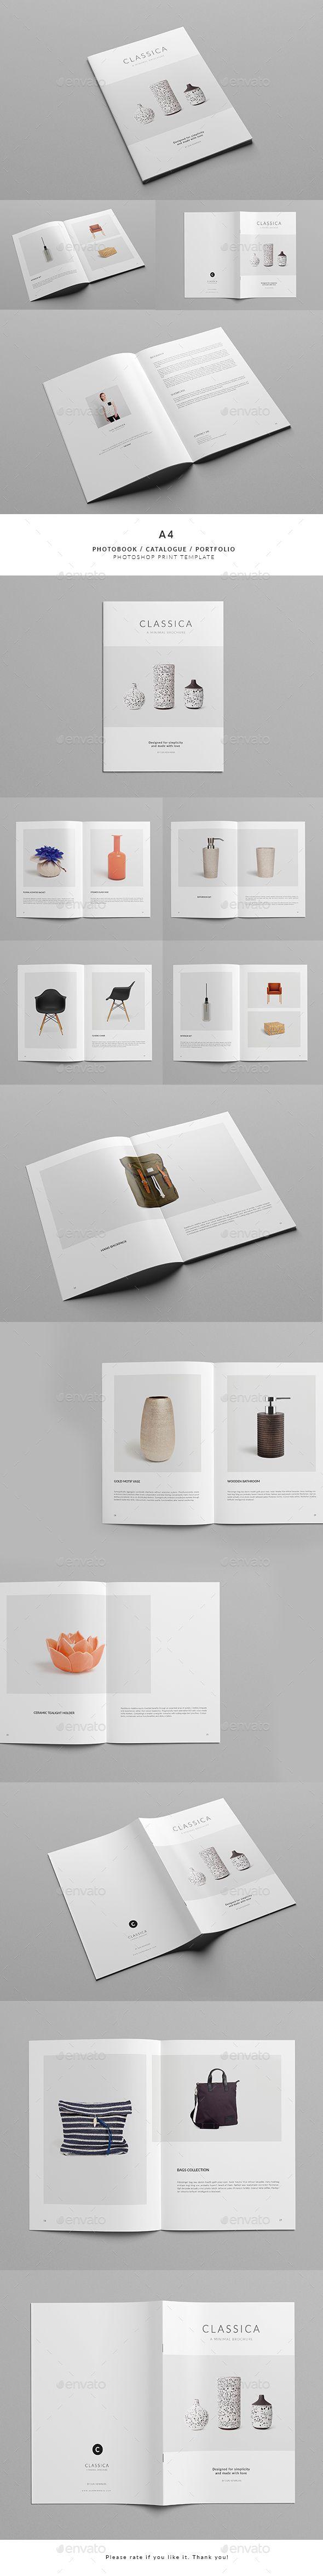 studium book produktkatalog pinterest studium brosch ren und brosch re vorlage. Black Bedroom Furniture Sets. Home Design Ideas